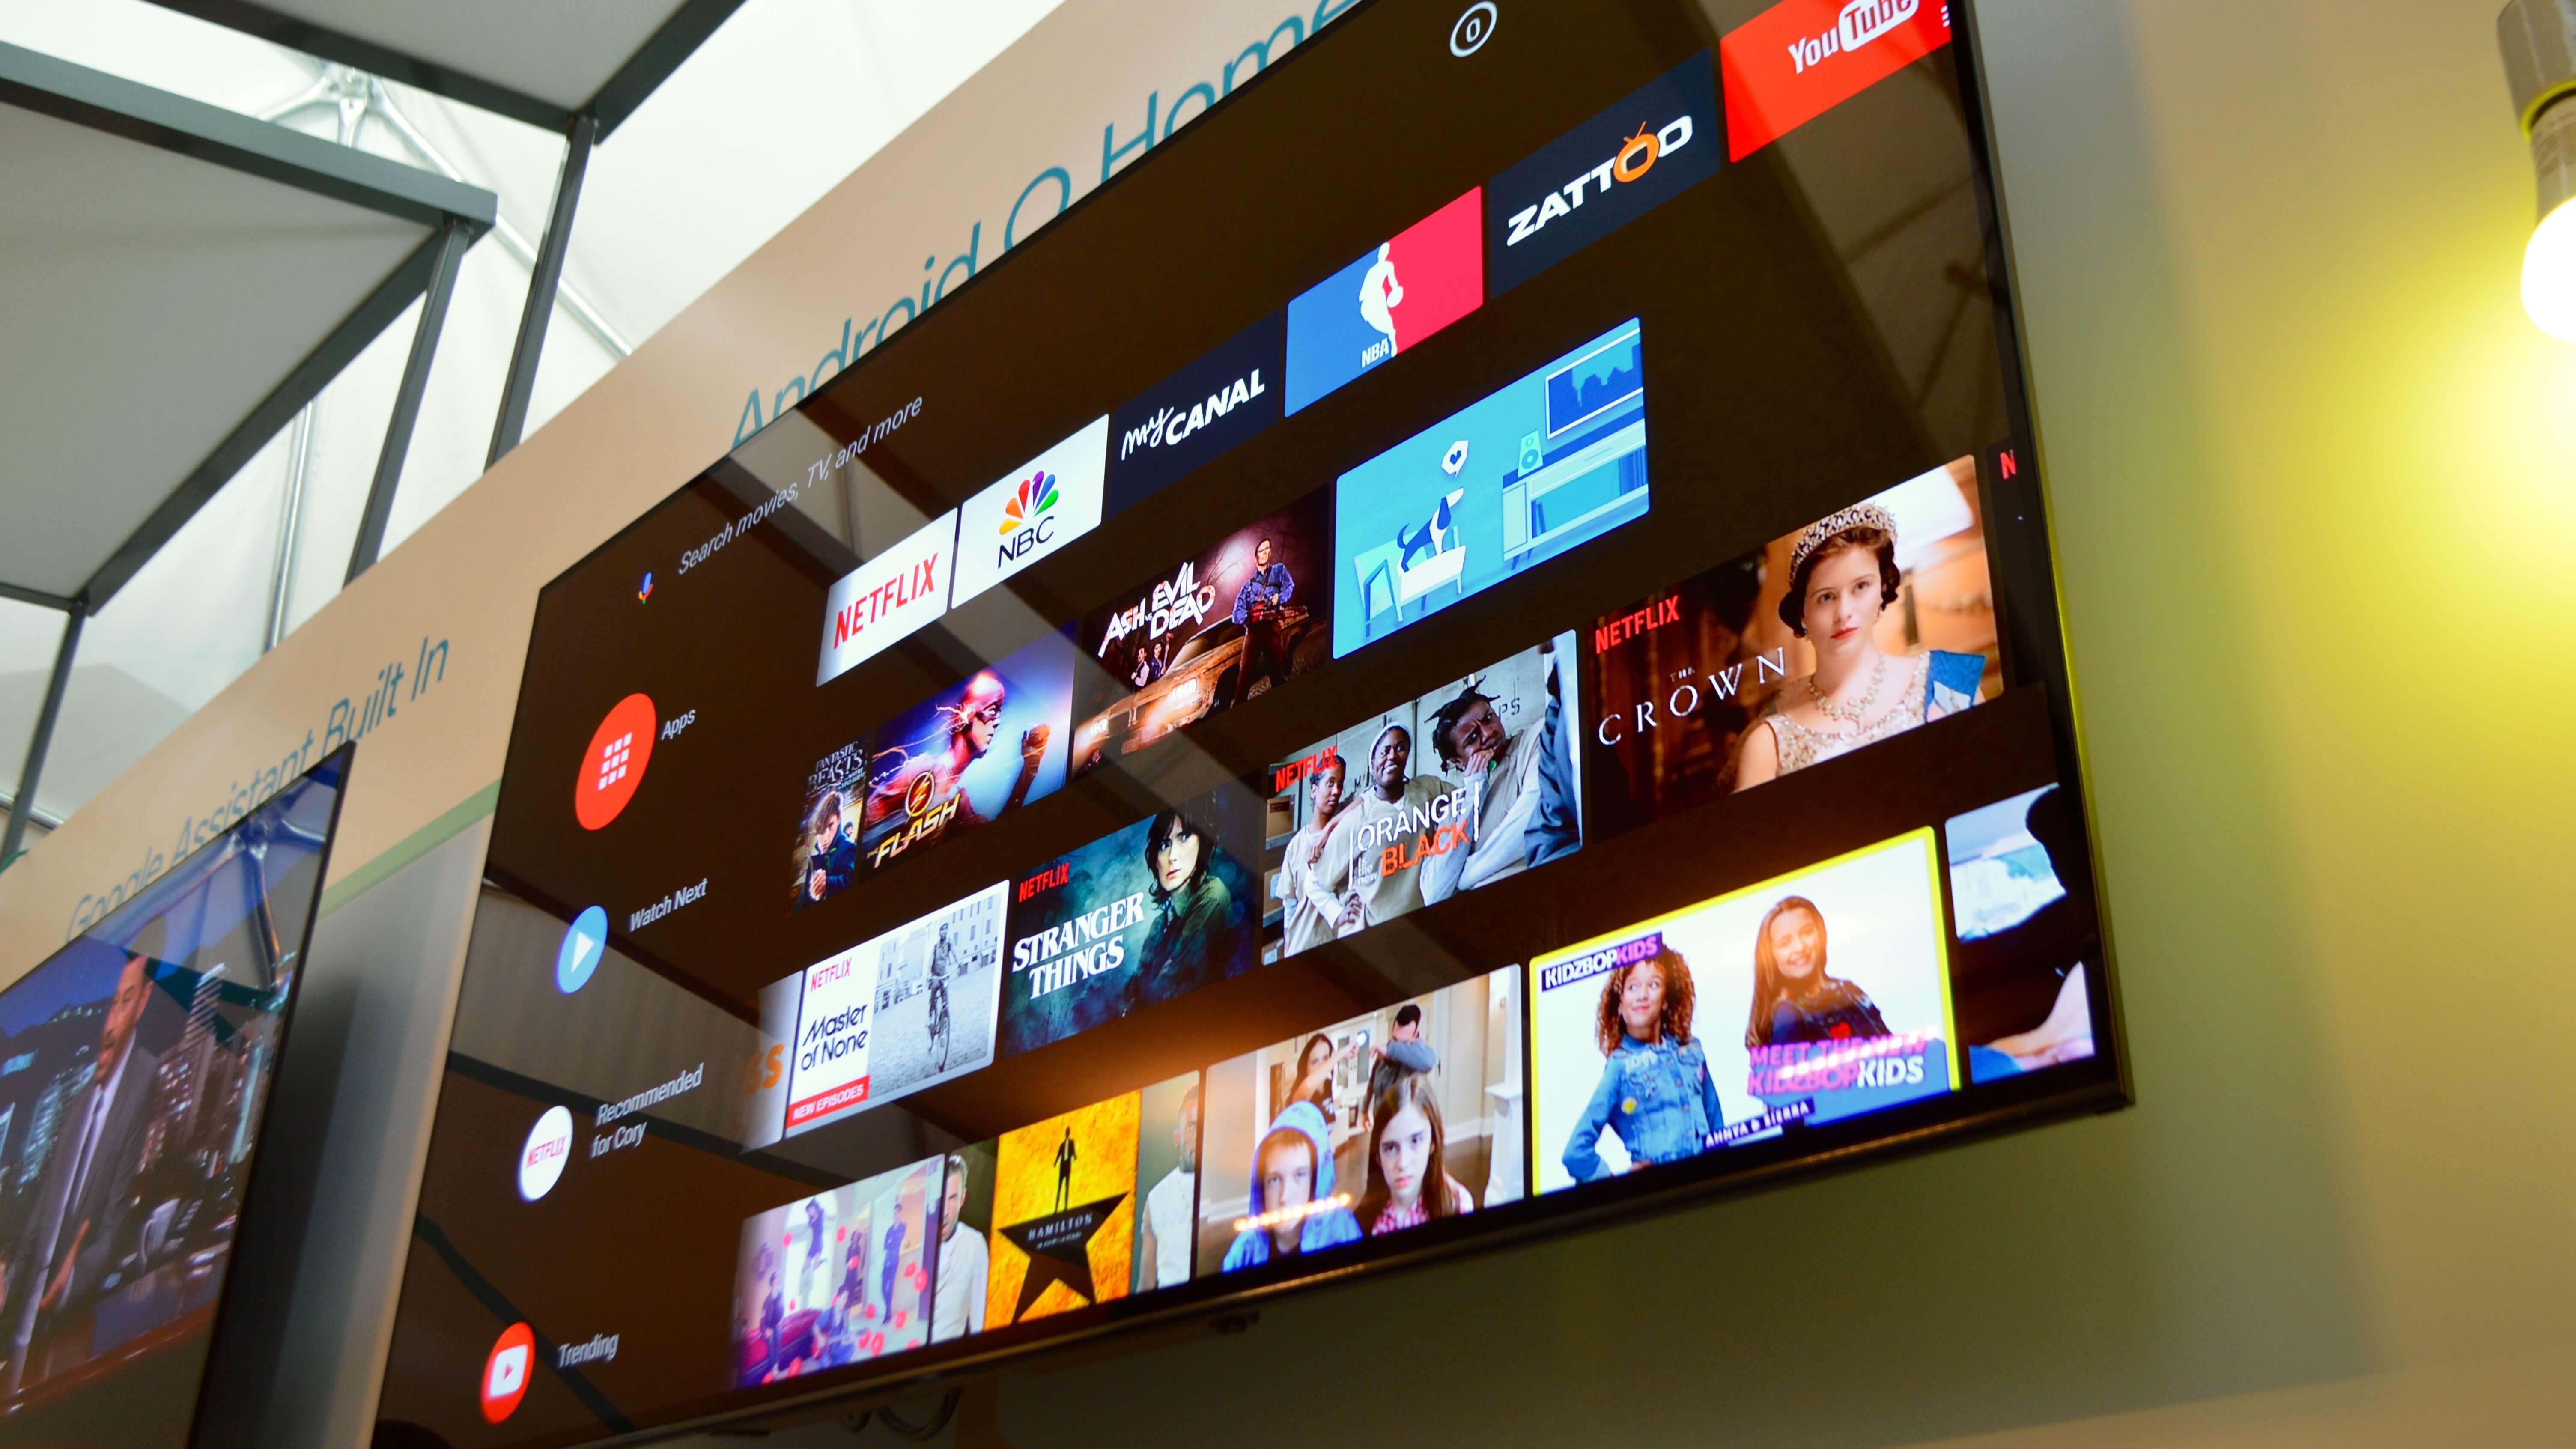 Android TV Oreo running on TV set